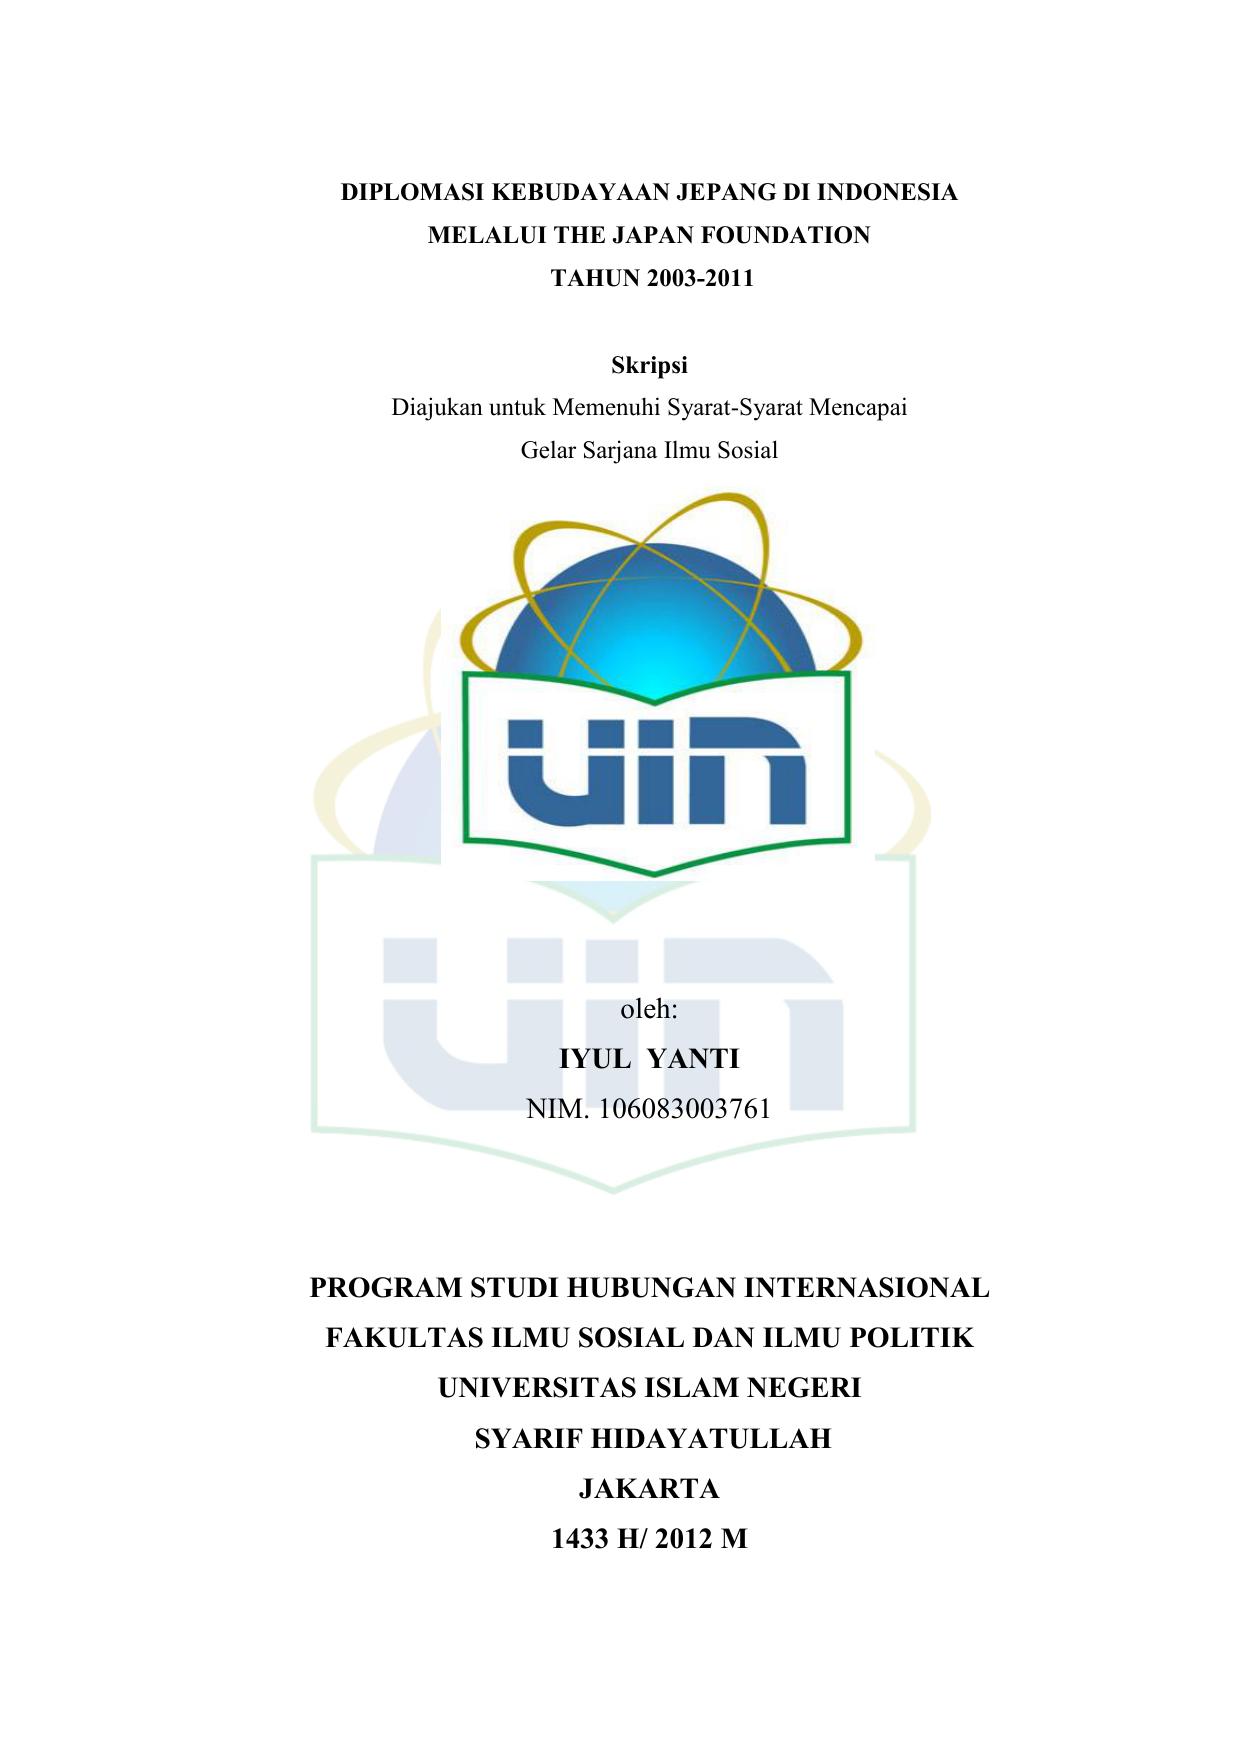 Skripsi Hubungan Internasional Uin Jakarta Ide Judul Skripsi Universitas